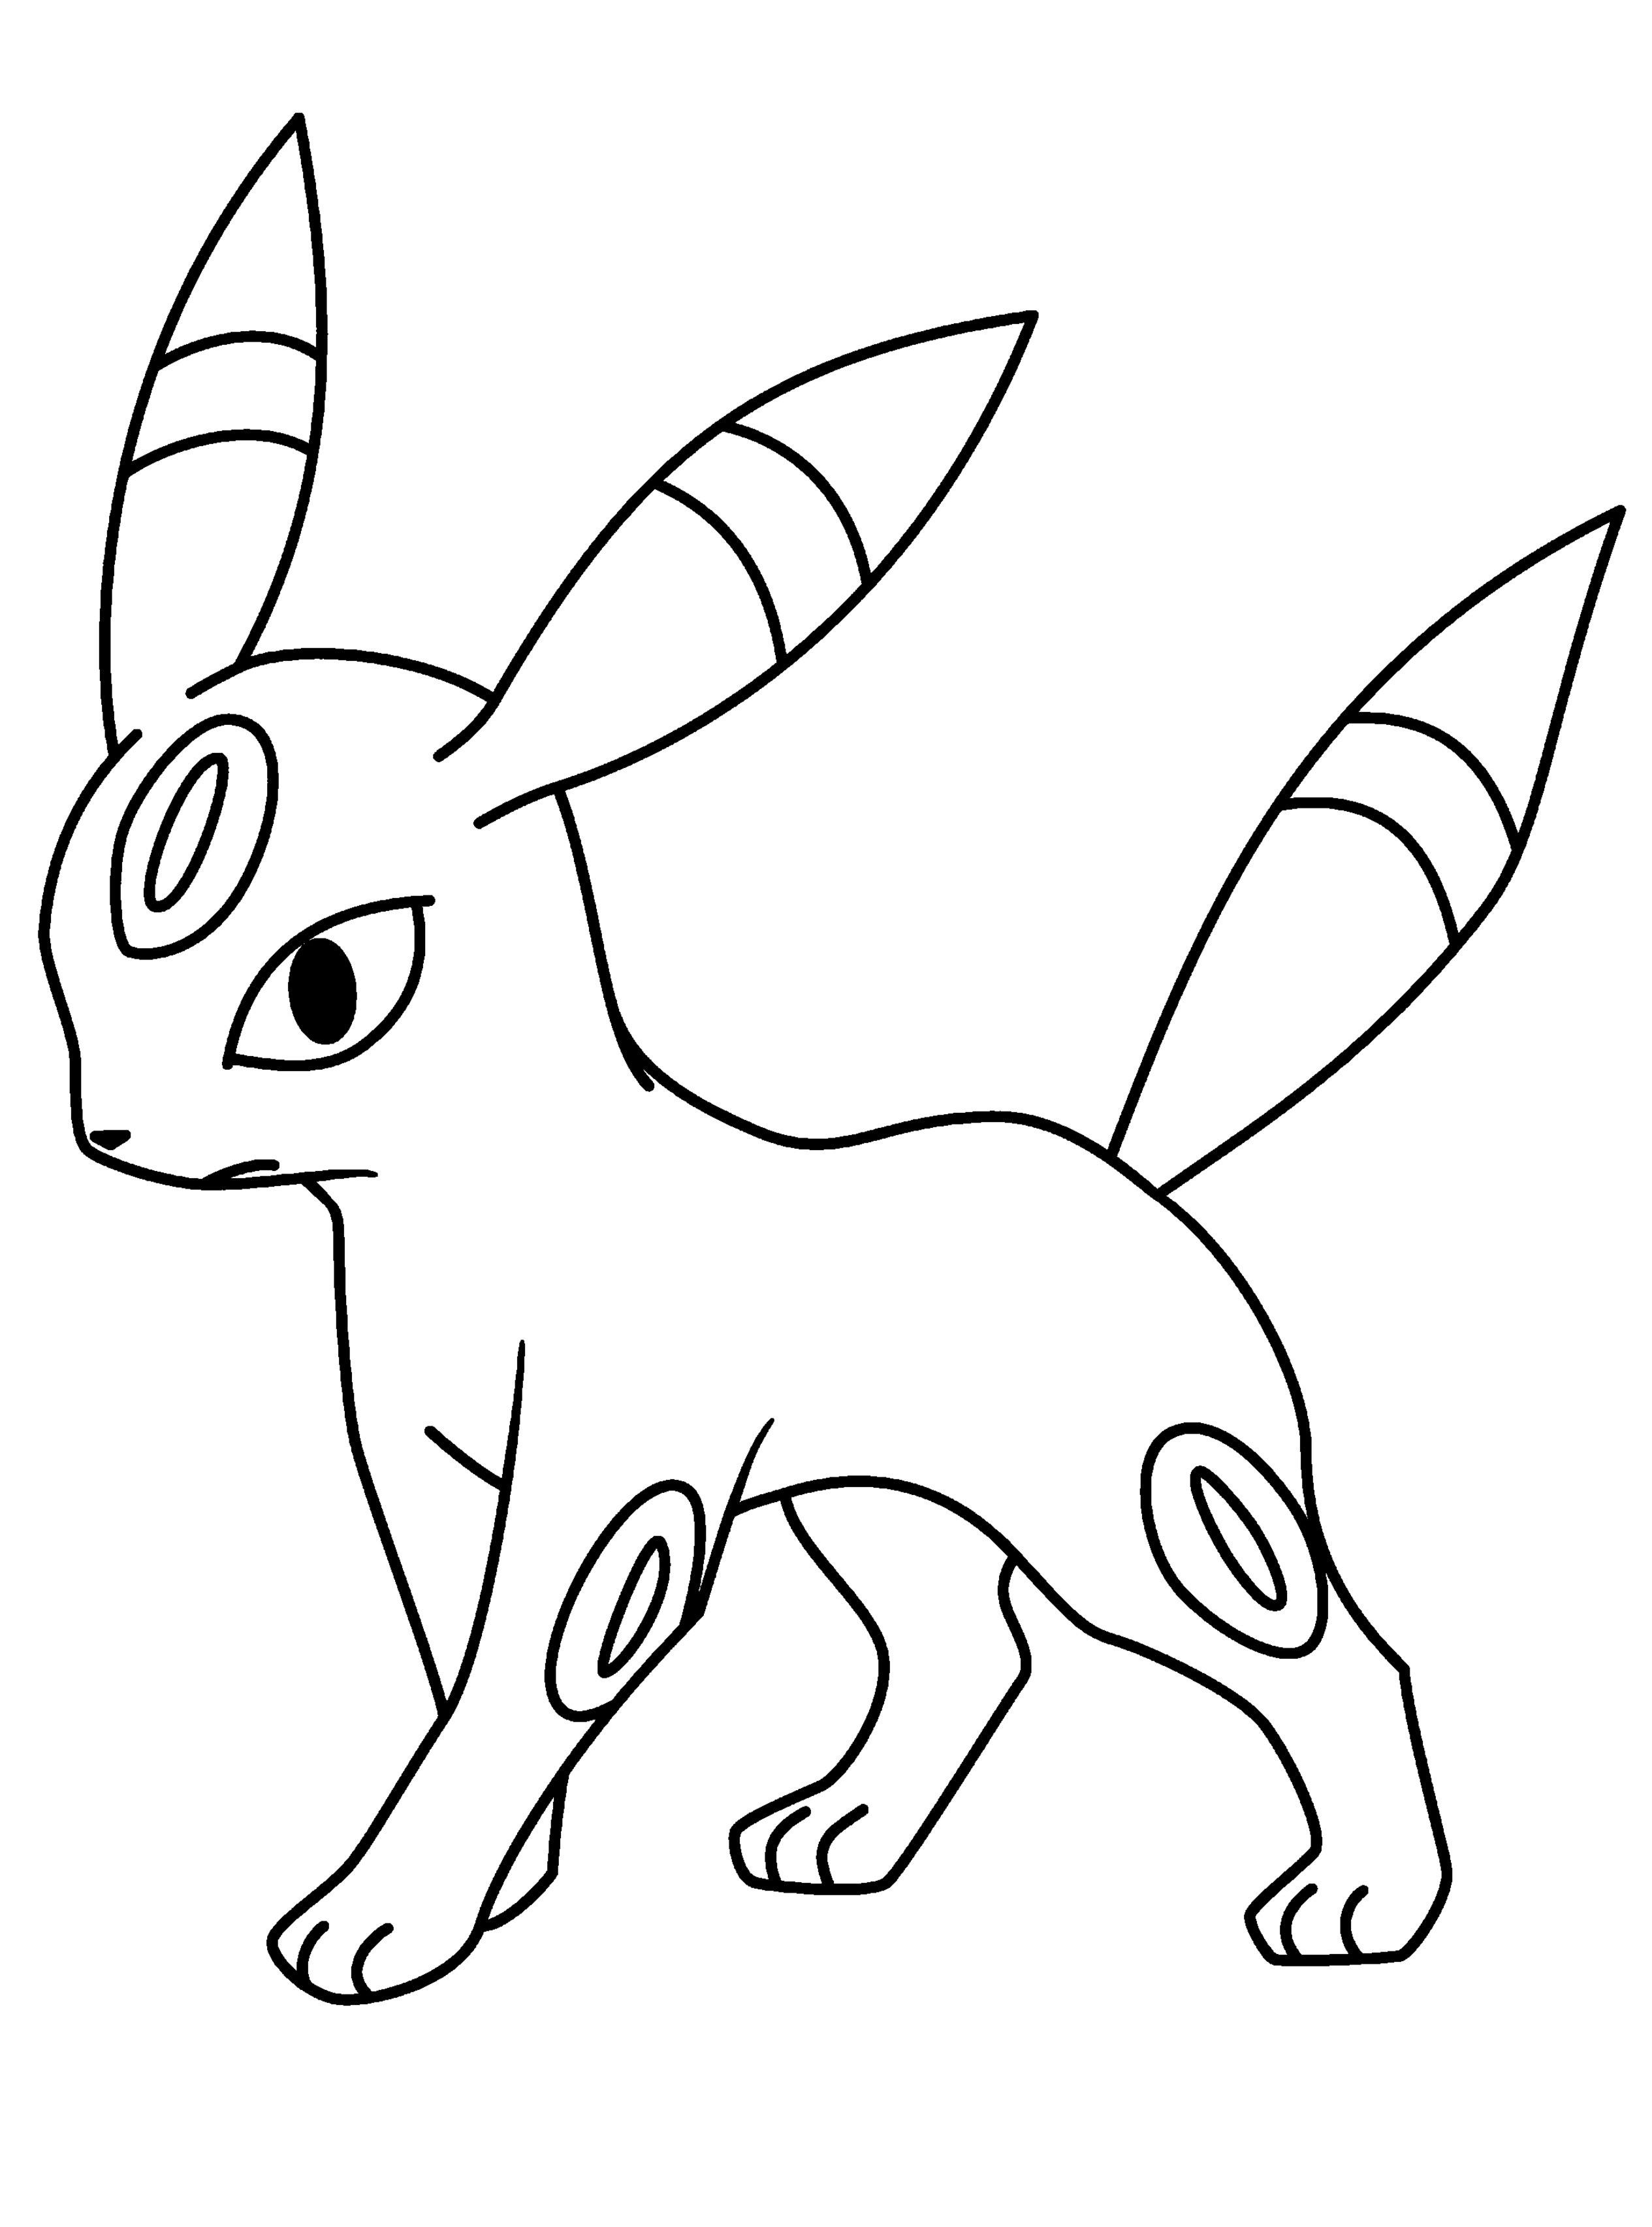 Pokemon Ausmalbilder Kostenlos Inspirierend Ausmalbilder Pokemon – Ausmalbilder Für Kinder Elegant Ausmalbilder Fotos